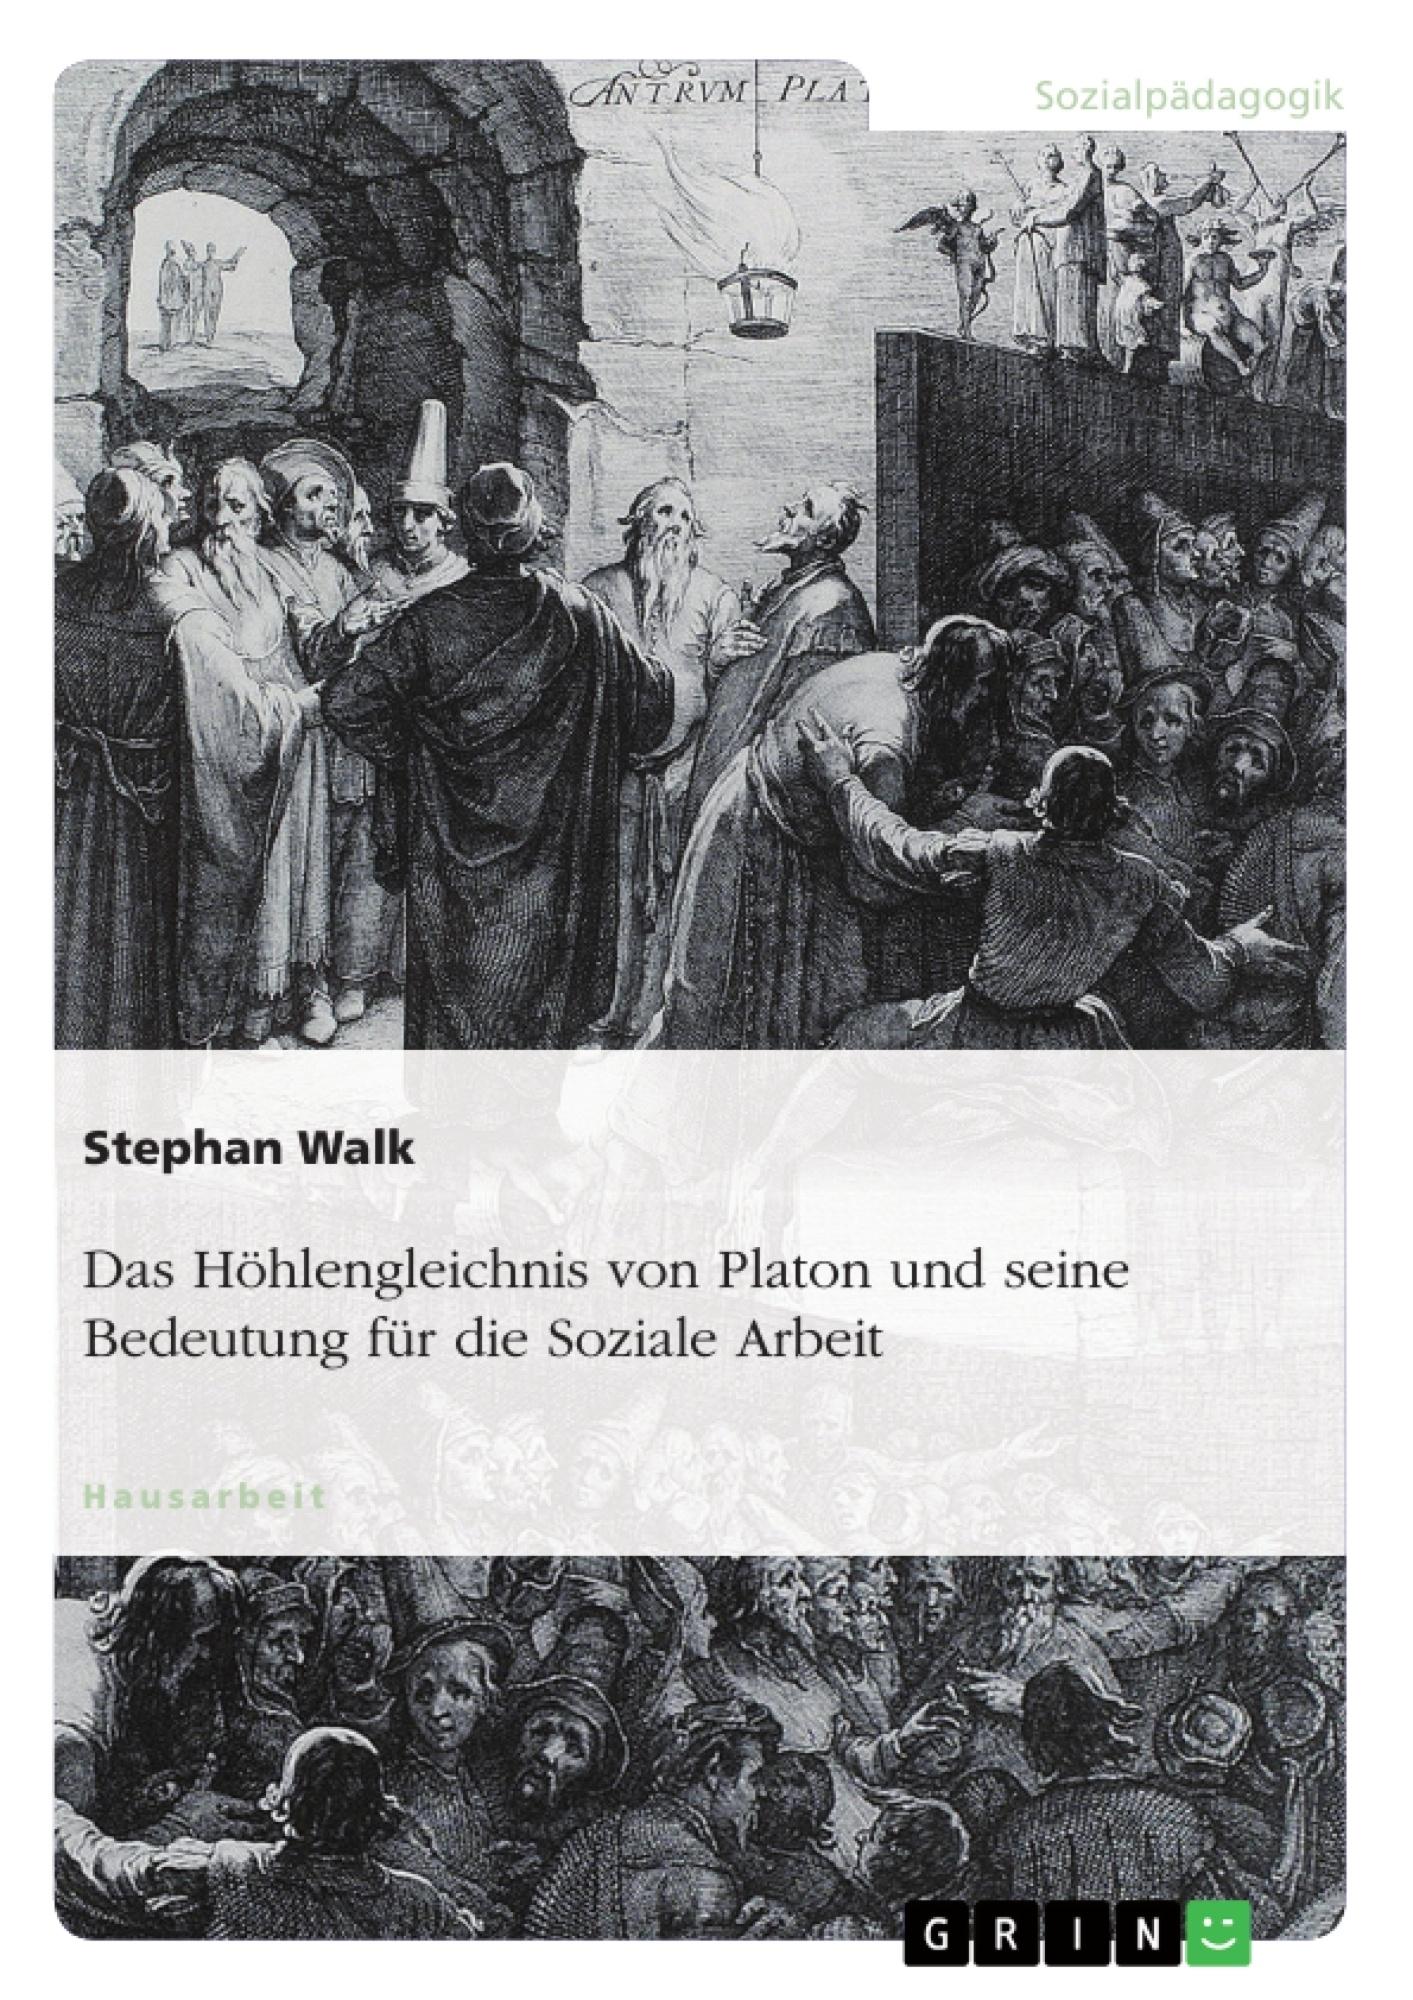 Titel: Das Höhlengleichnis von Platon und seine Bedeutung für die Soziale Arbeit